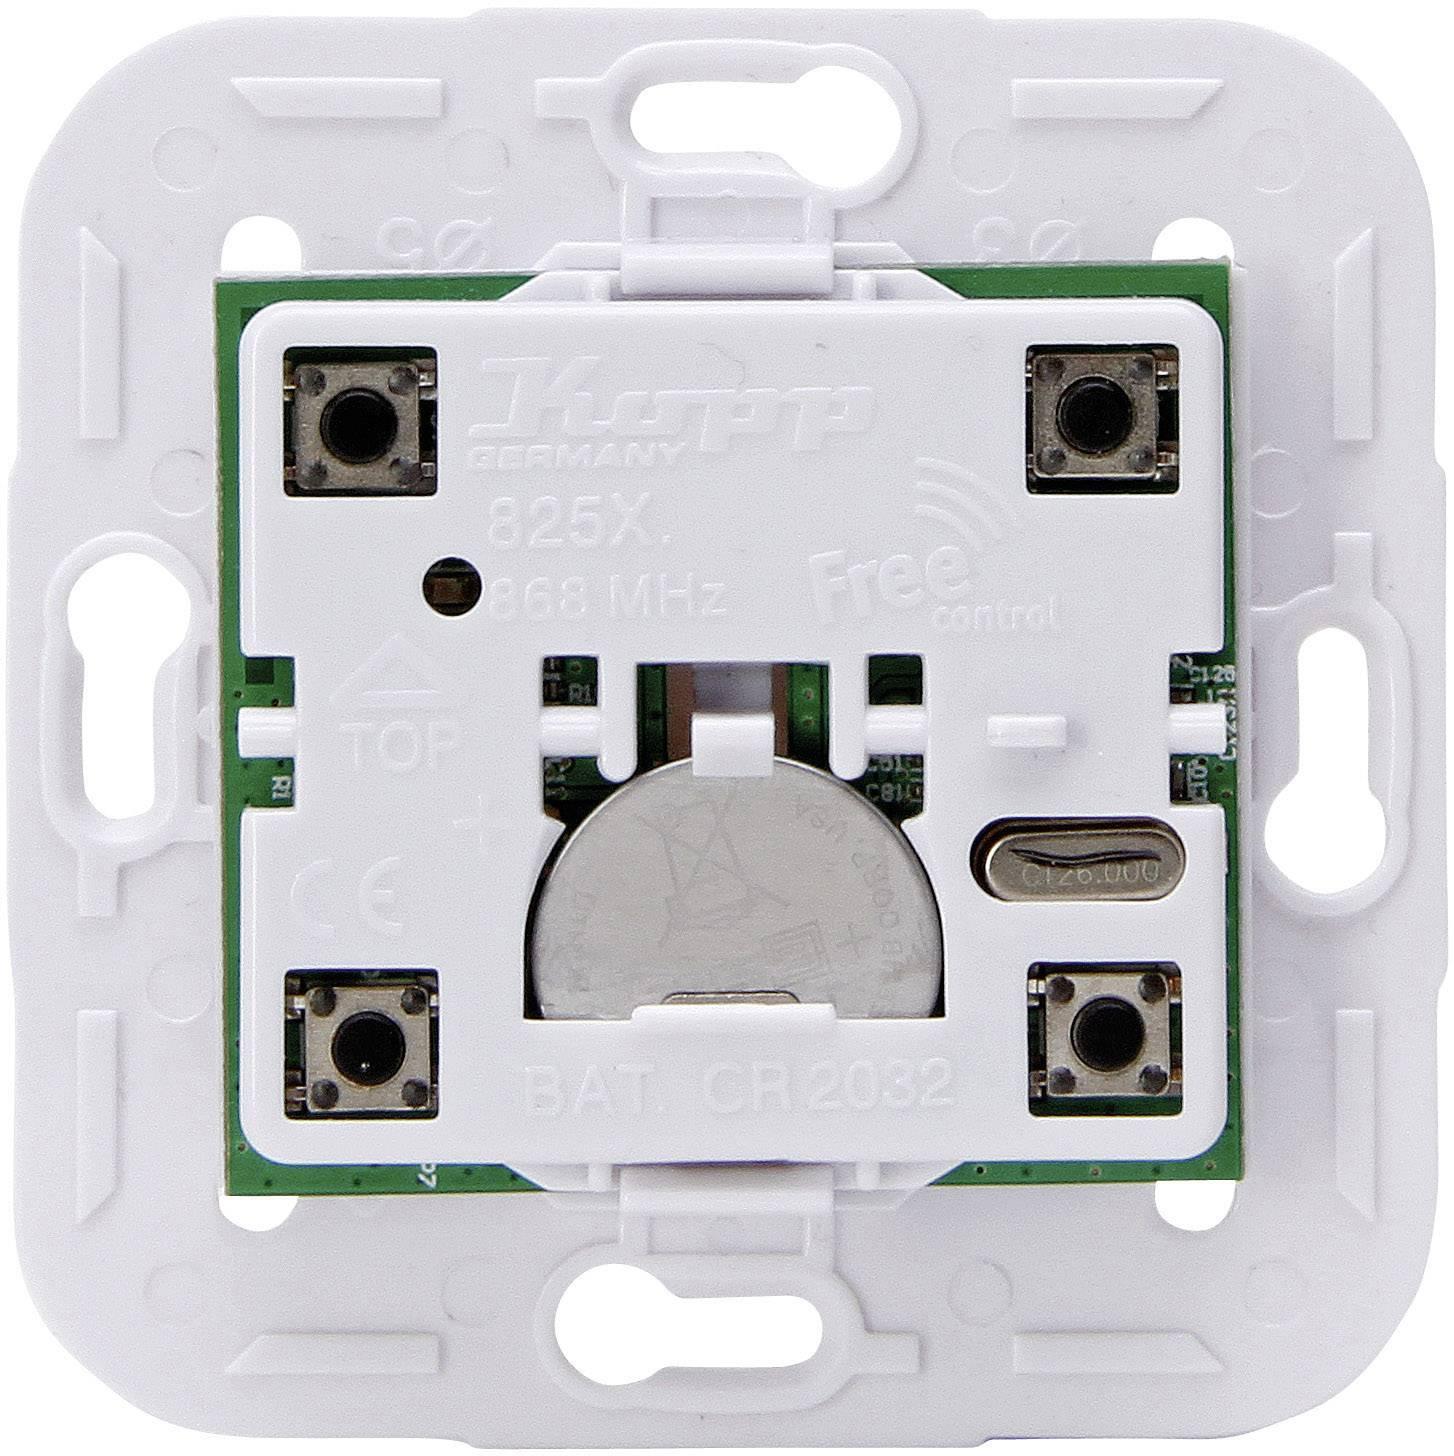 Bezdrôtový nástenný spínač Kopp Free Control 825602027, 4-kanálový